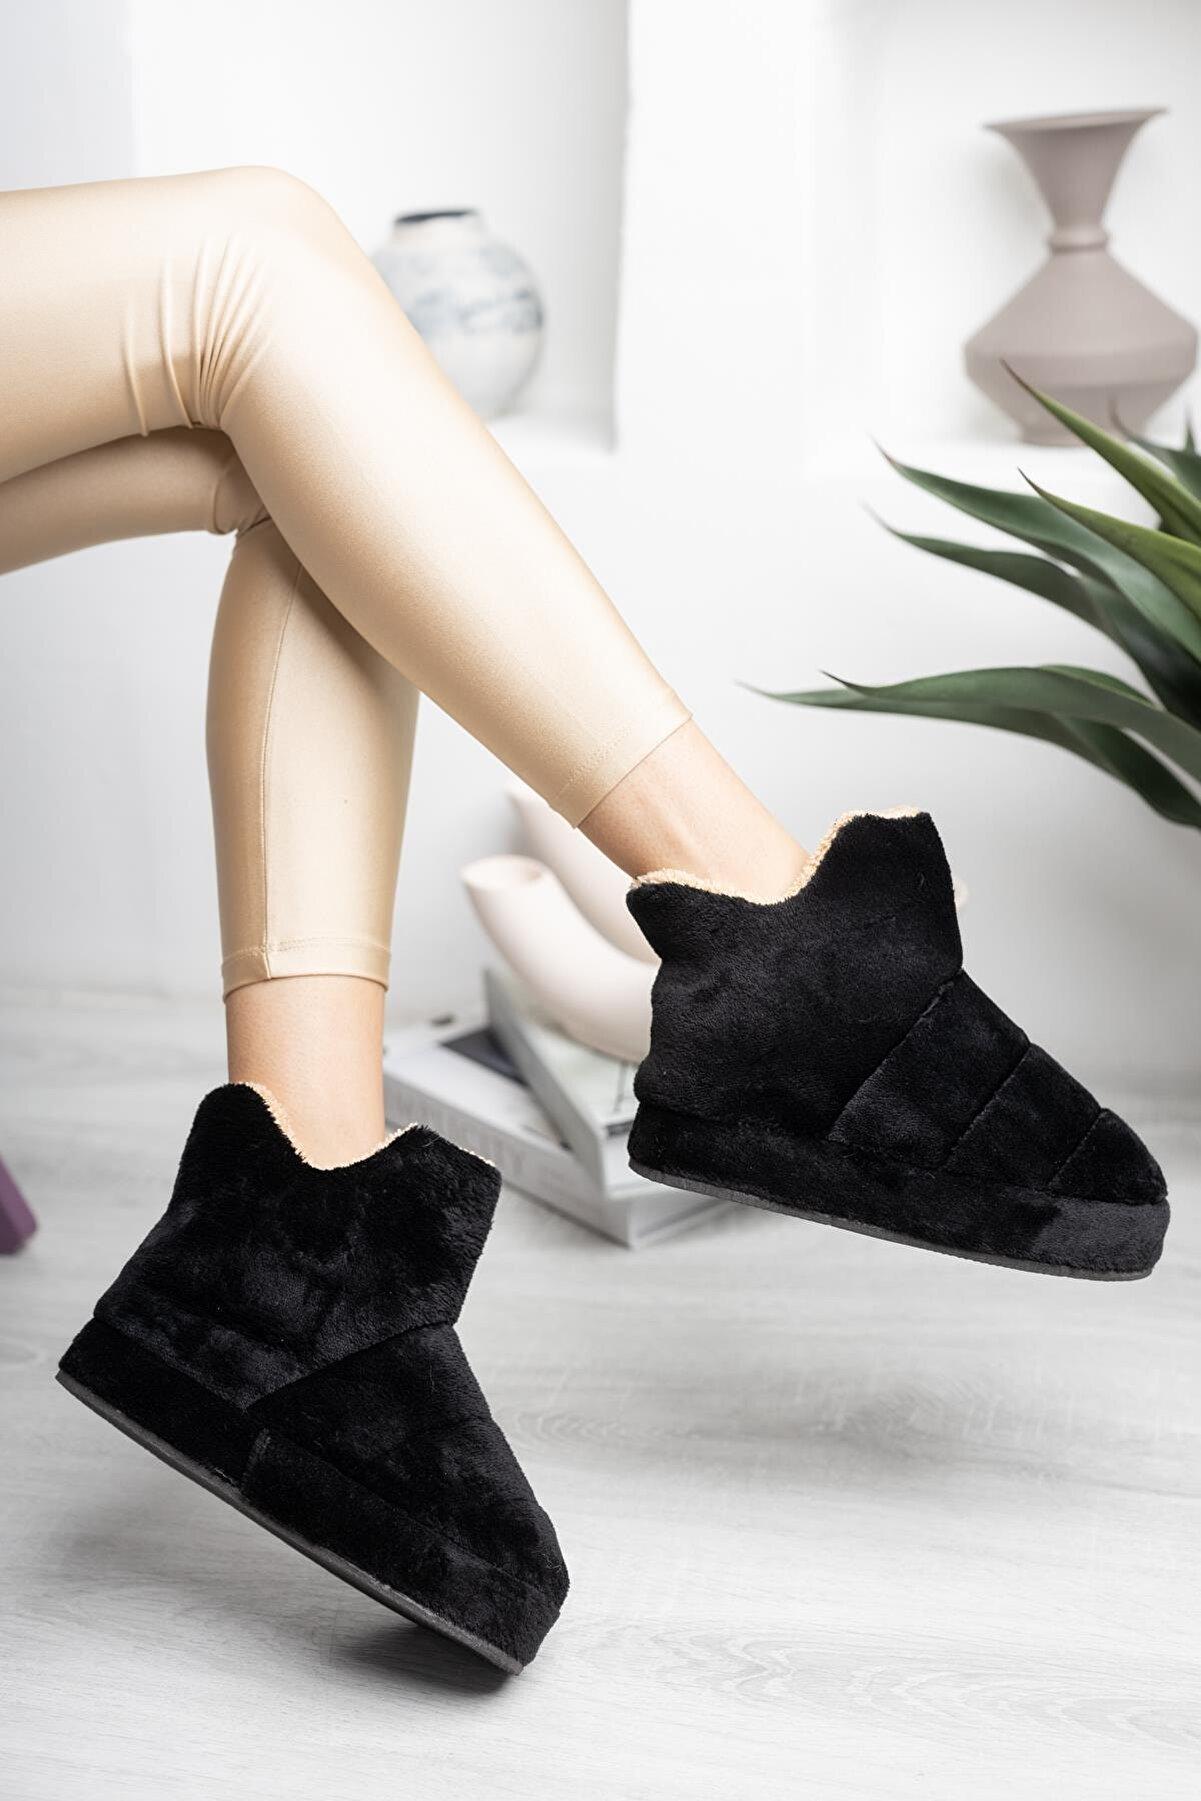 StWenn Kadın Panduf Ev Botu Ev Ayakkabısı Kalın Hafif Taban